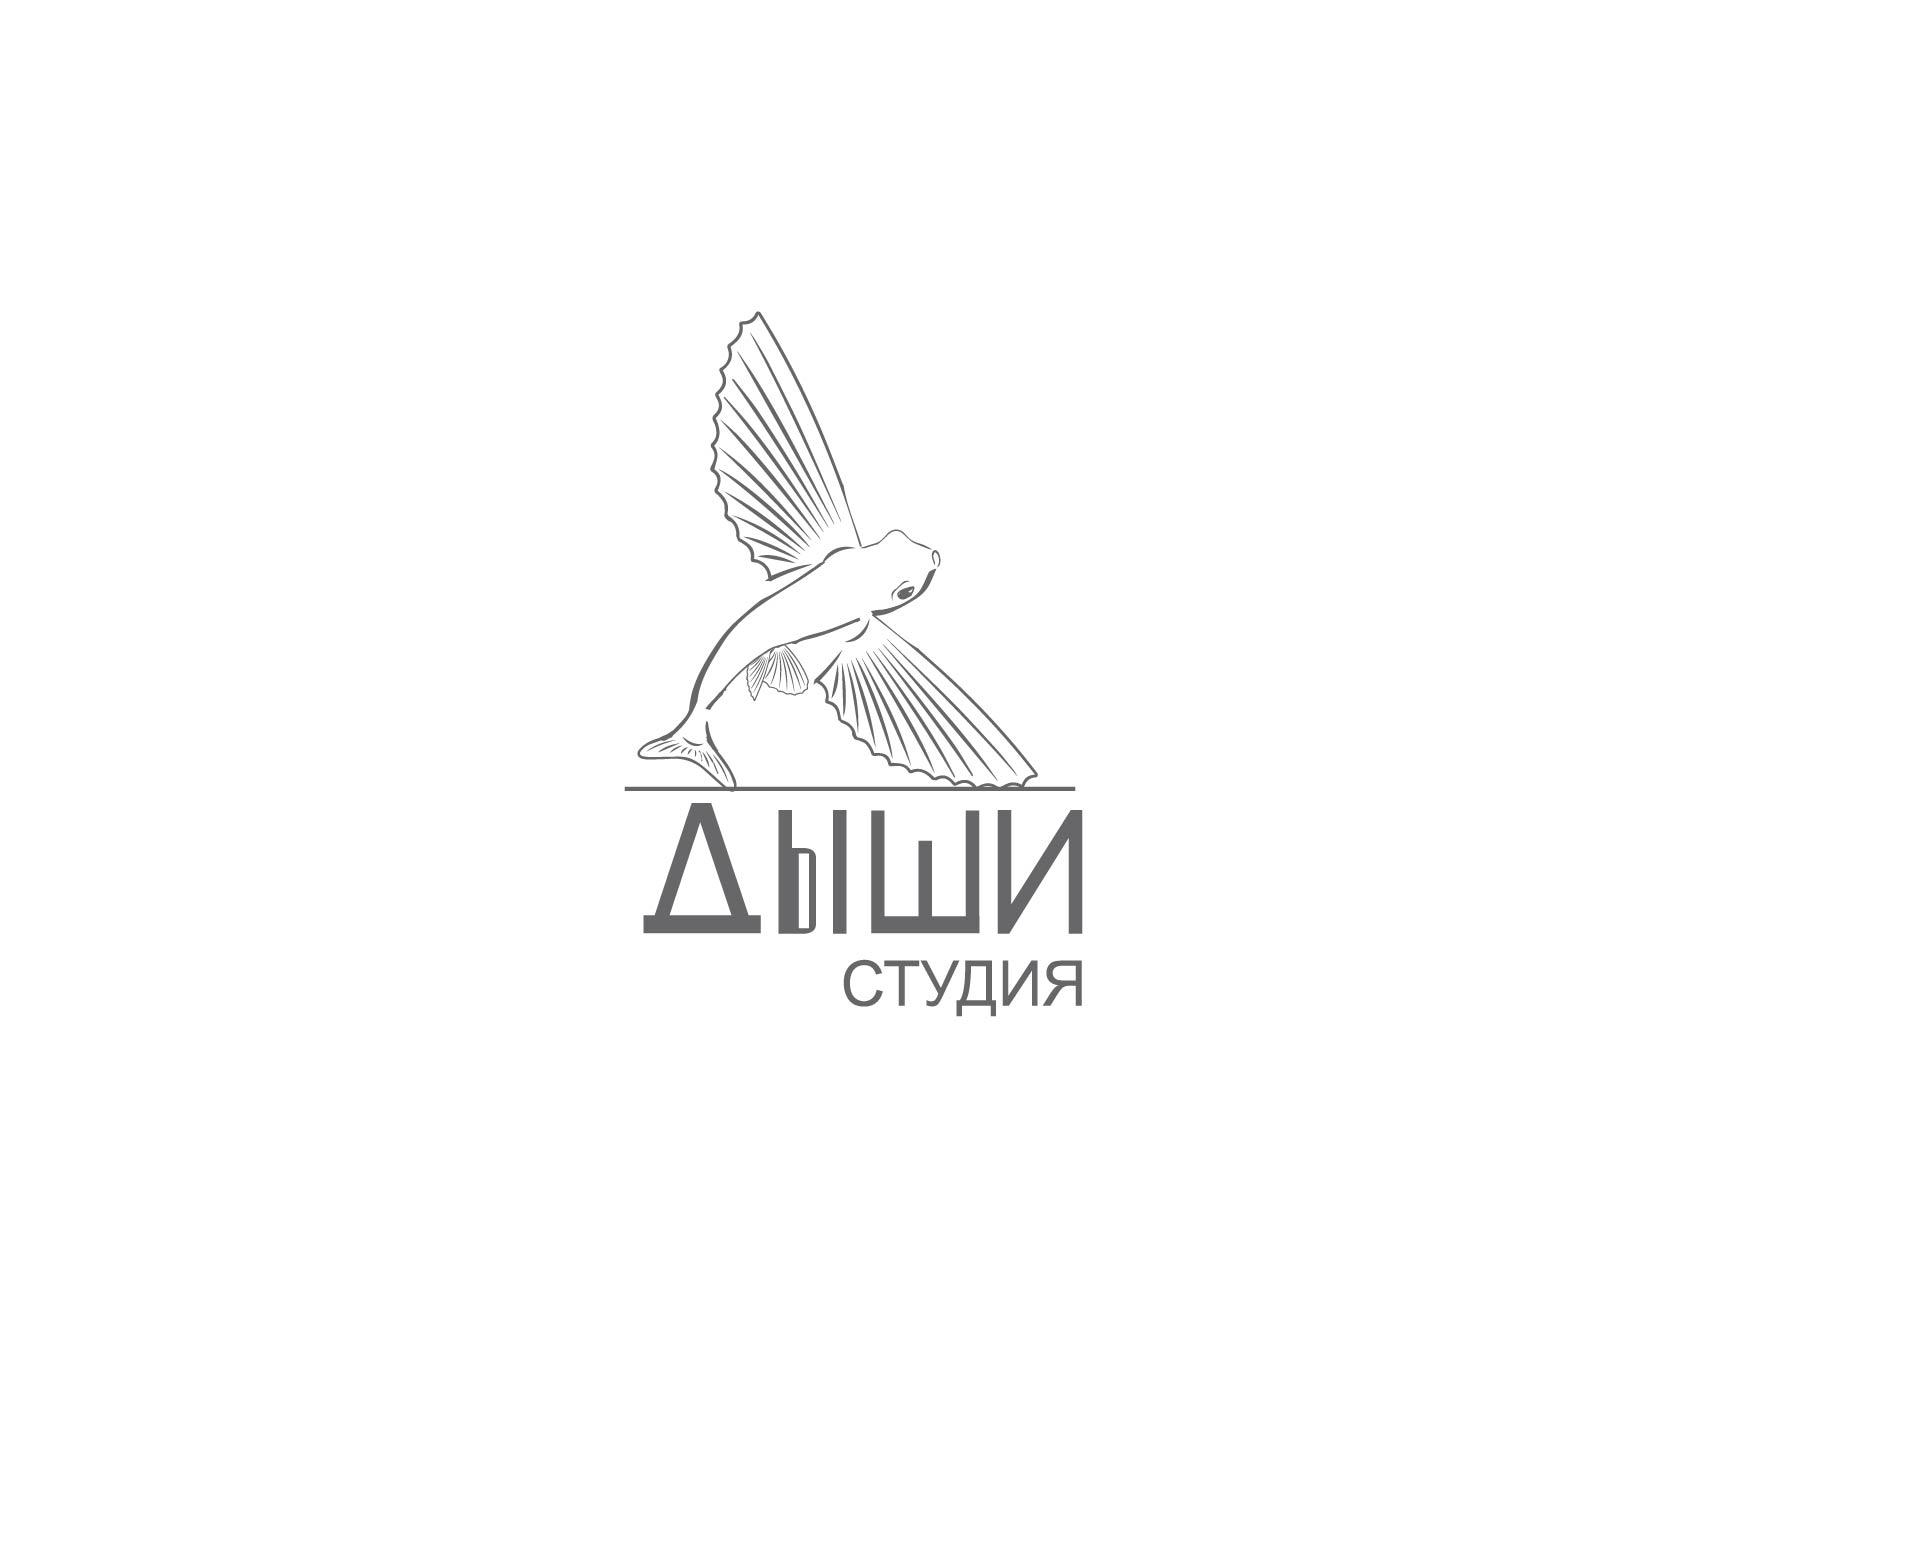 """Логотип для студии """"Дыши""""  и фирменный стиль фото f_51856fc0c2b99616.jpg"""